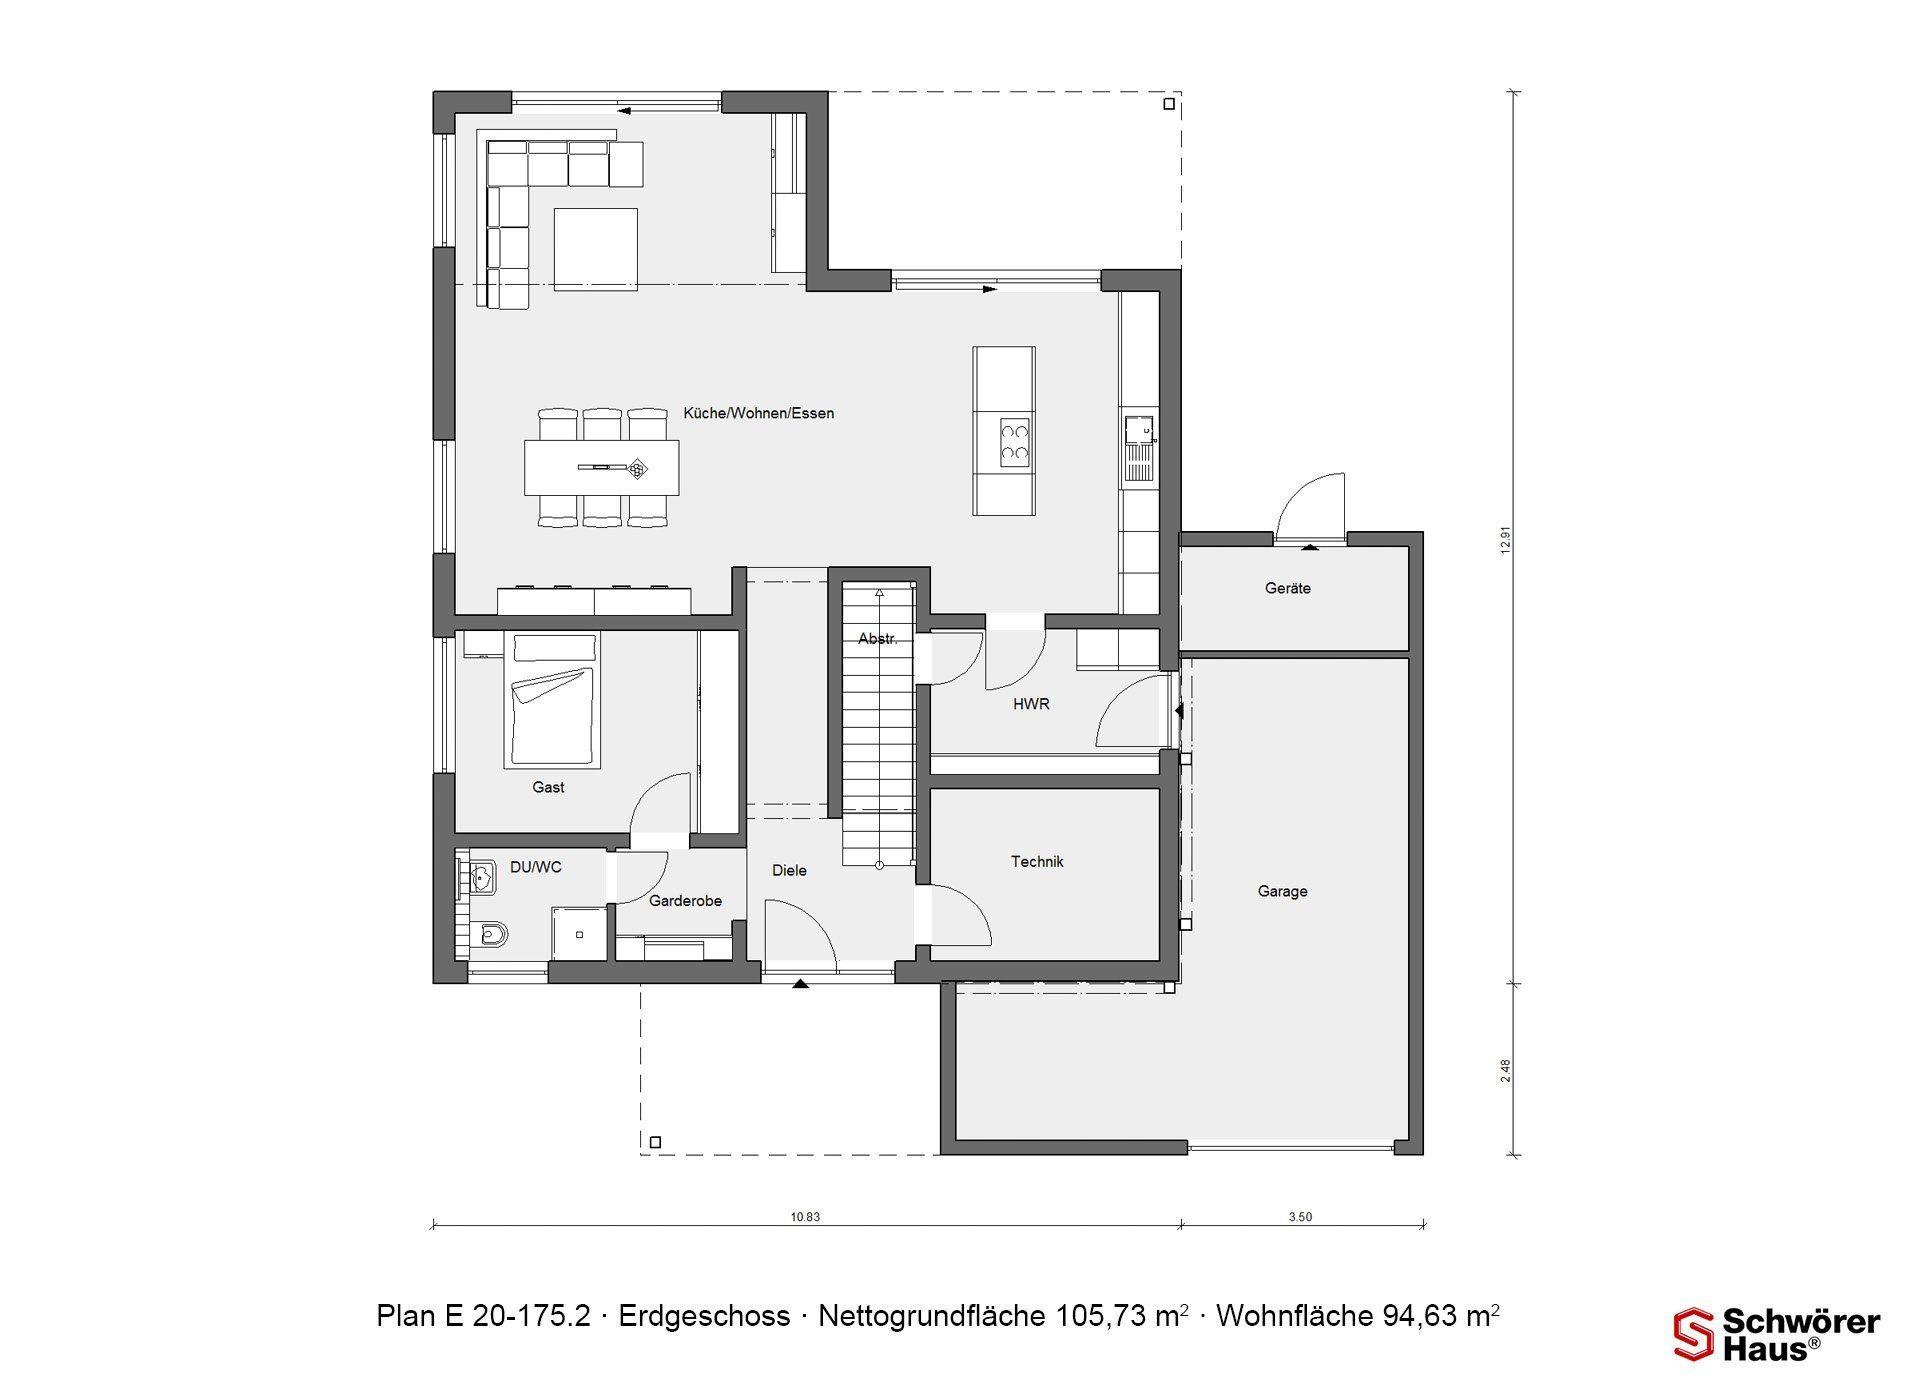 Haus Groh - Eine Nahaufnahme von einem Stück Papier - Gebäudeplan